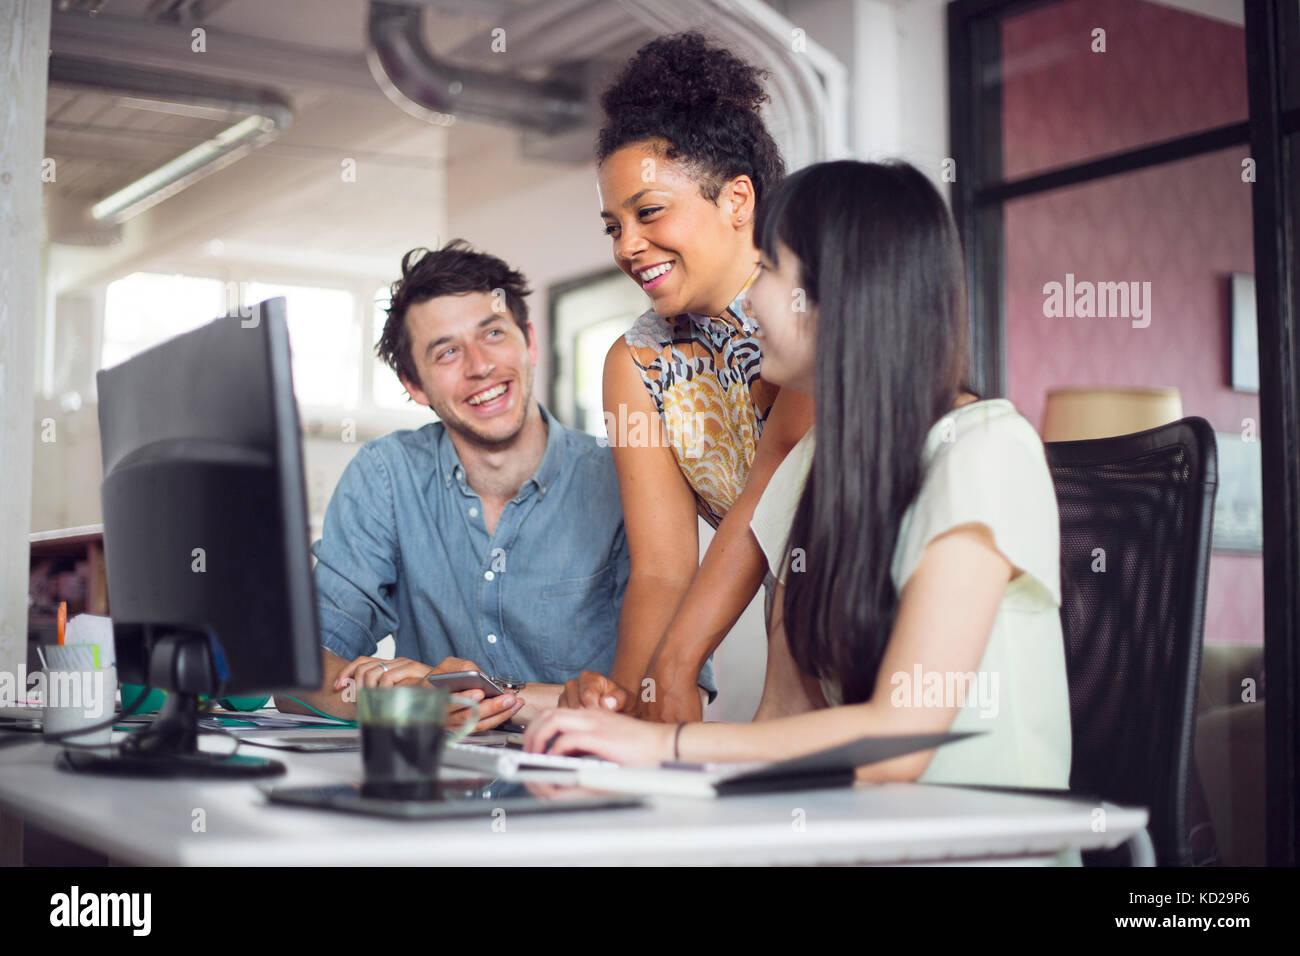 Compañeros sonriendo delante del monitor del ordenador Foto de stock